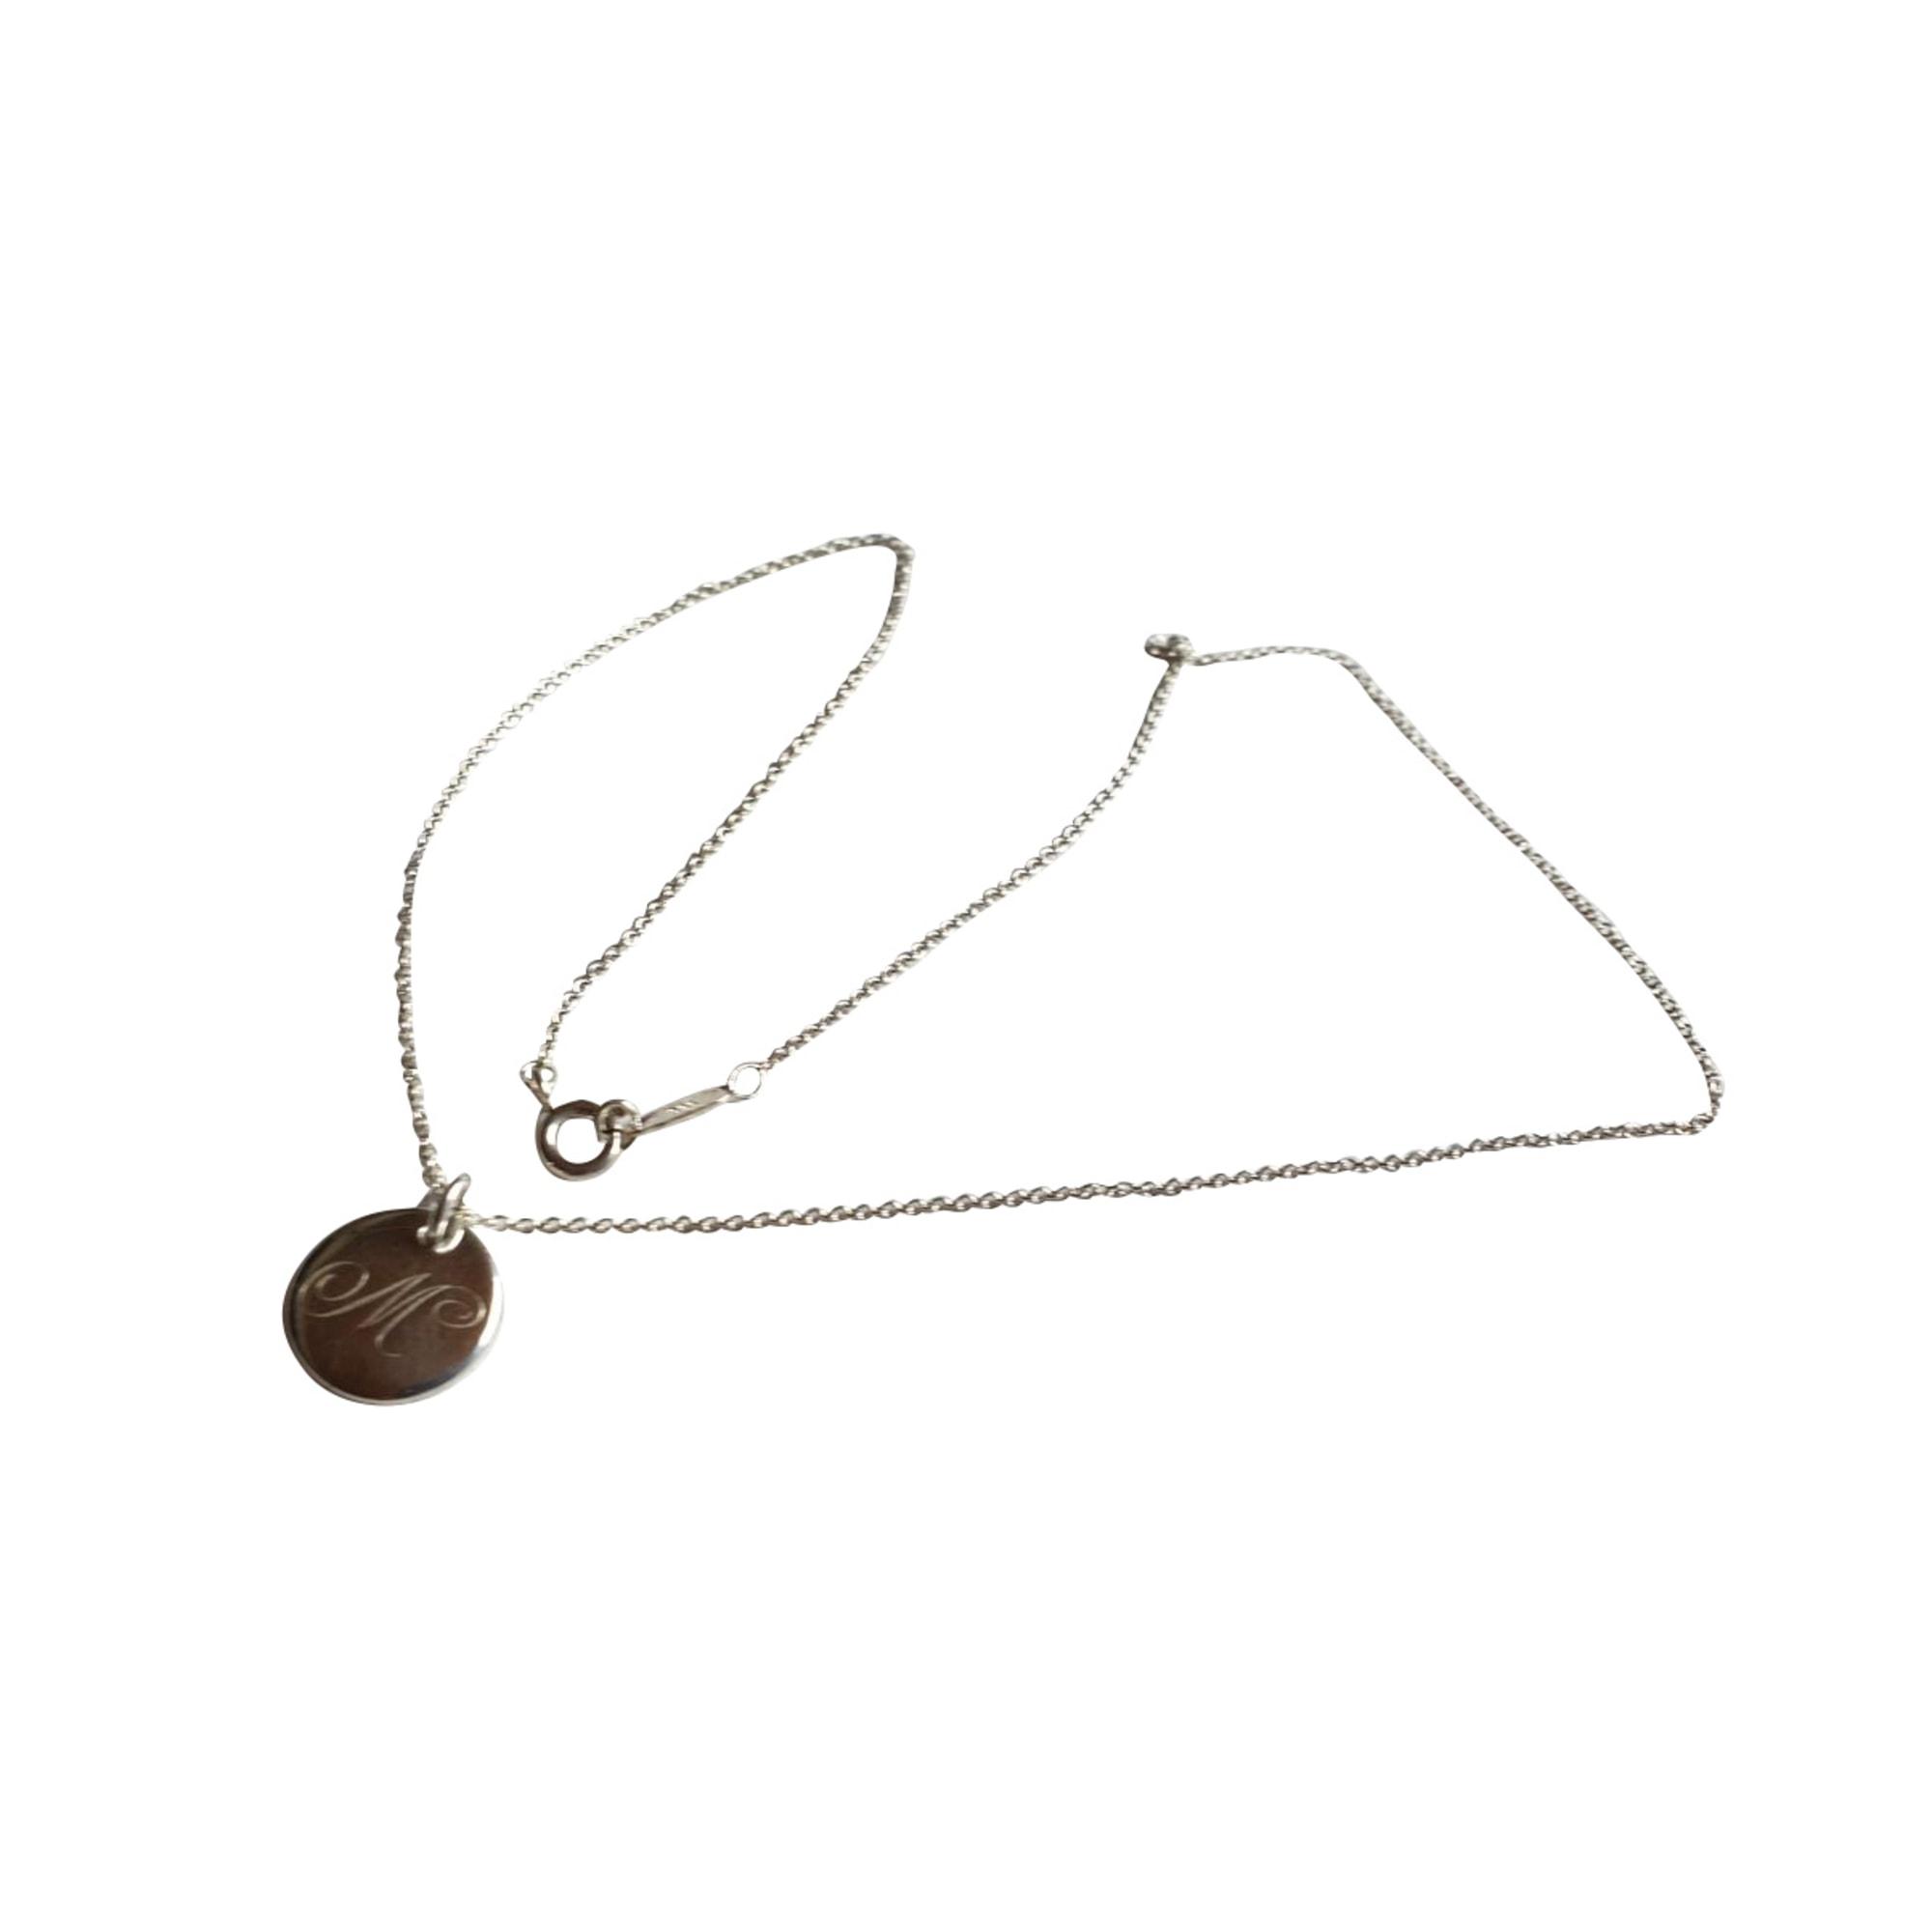 Ciondolo, collana con ciondoli TIFFANY & CO. Argentato, acciaio